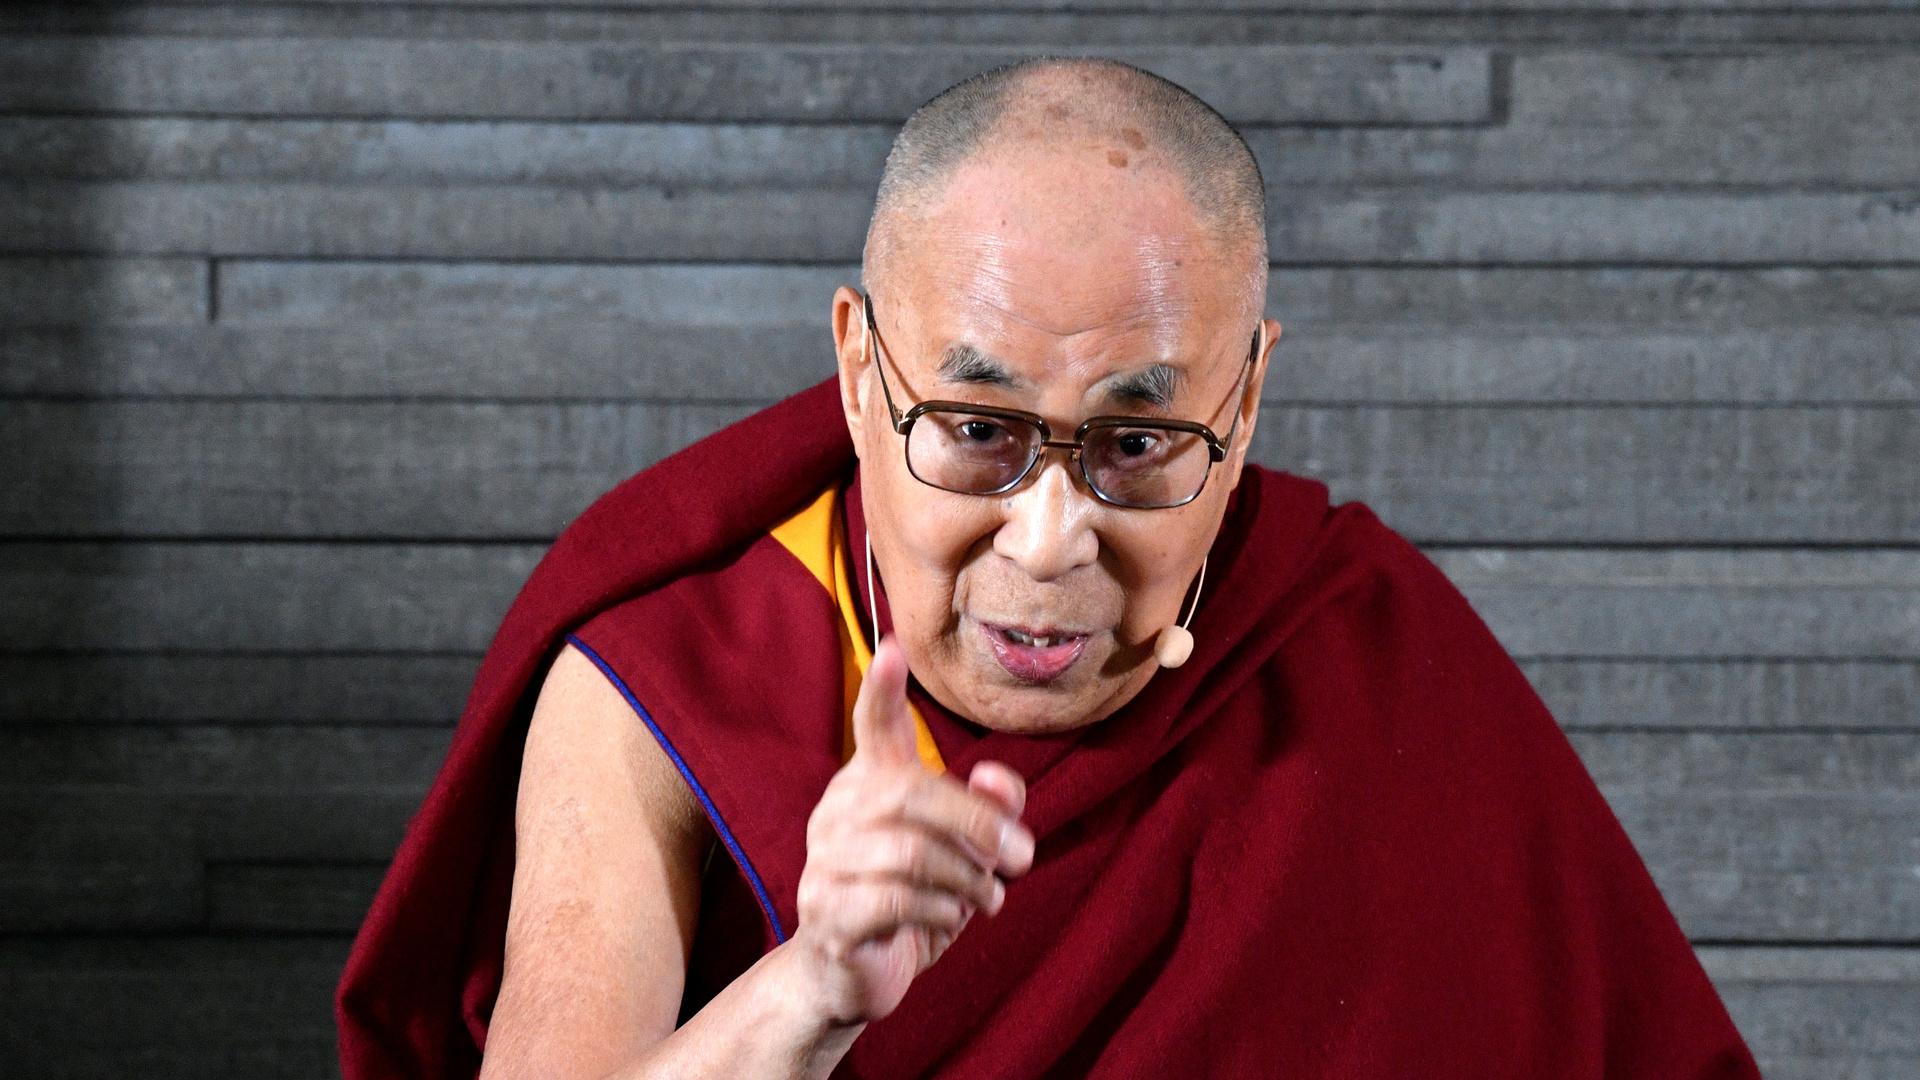 الدالاي لاما ينصح بترديد تعويذة محددة لمكافحة الوباء